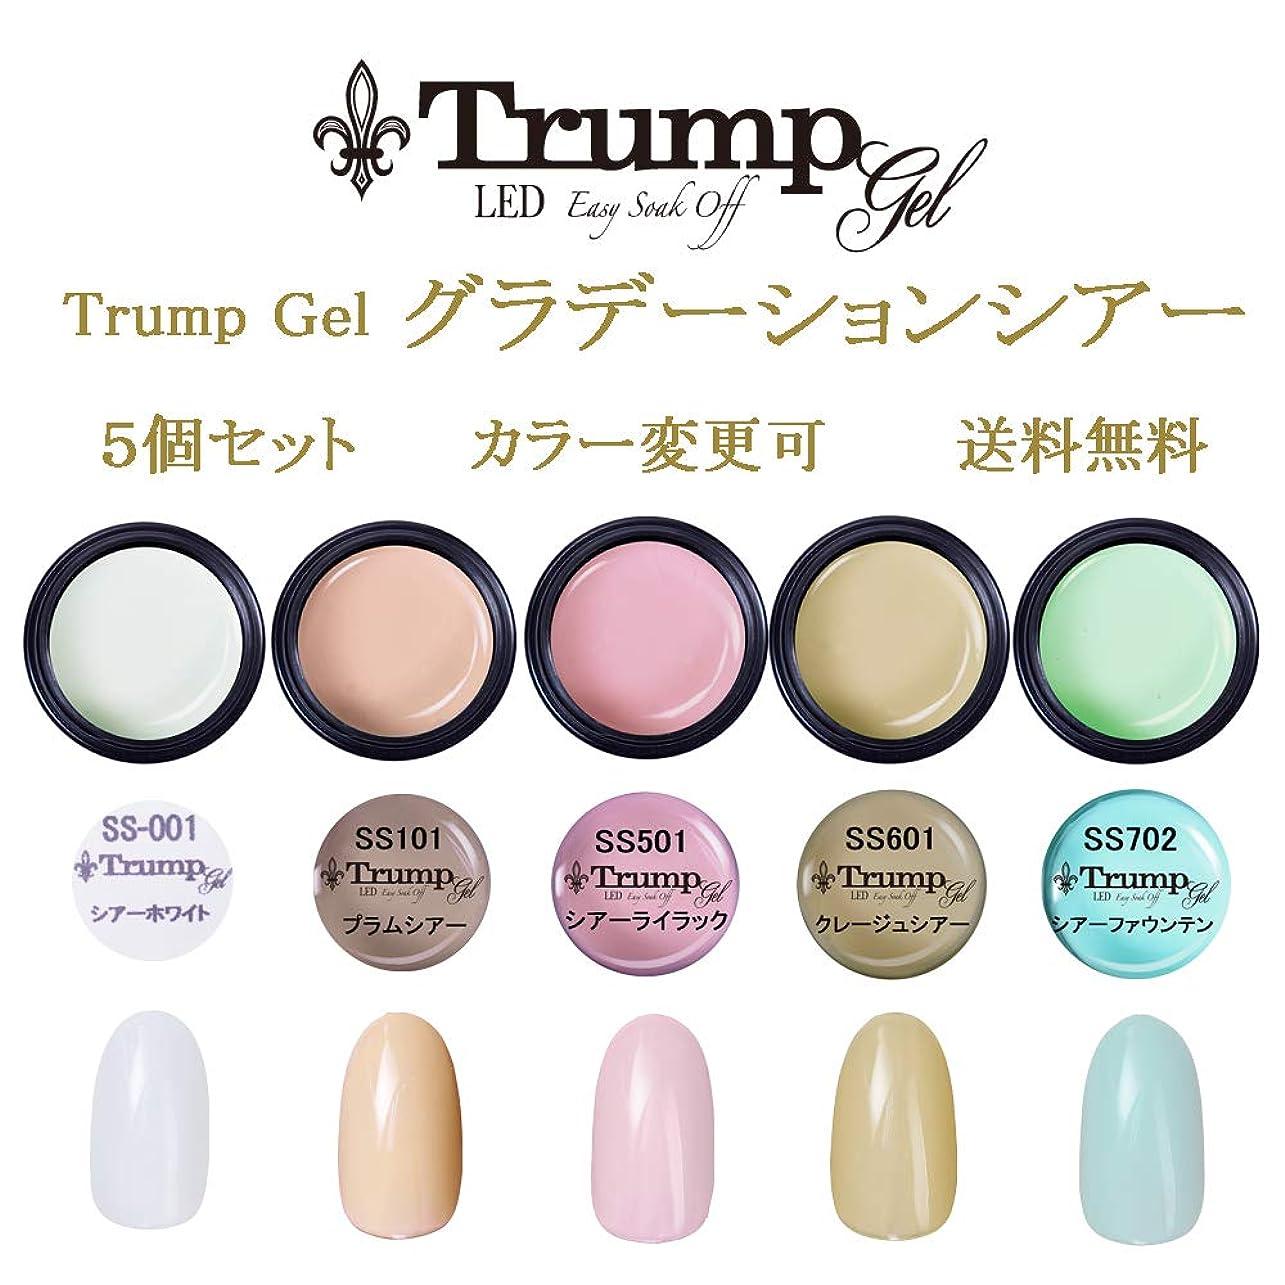 立証する製作採用する日本製 Trump gel トランプジェル グラデーション シアーカラー 選べる カラージェル 5個セット ホワイト ベージュ ピンク イエロー ブルー